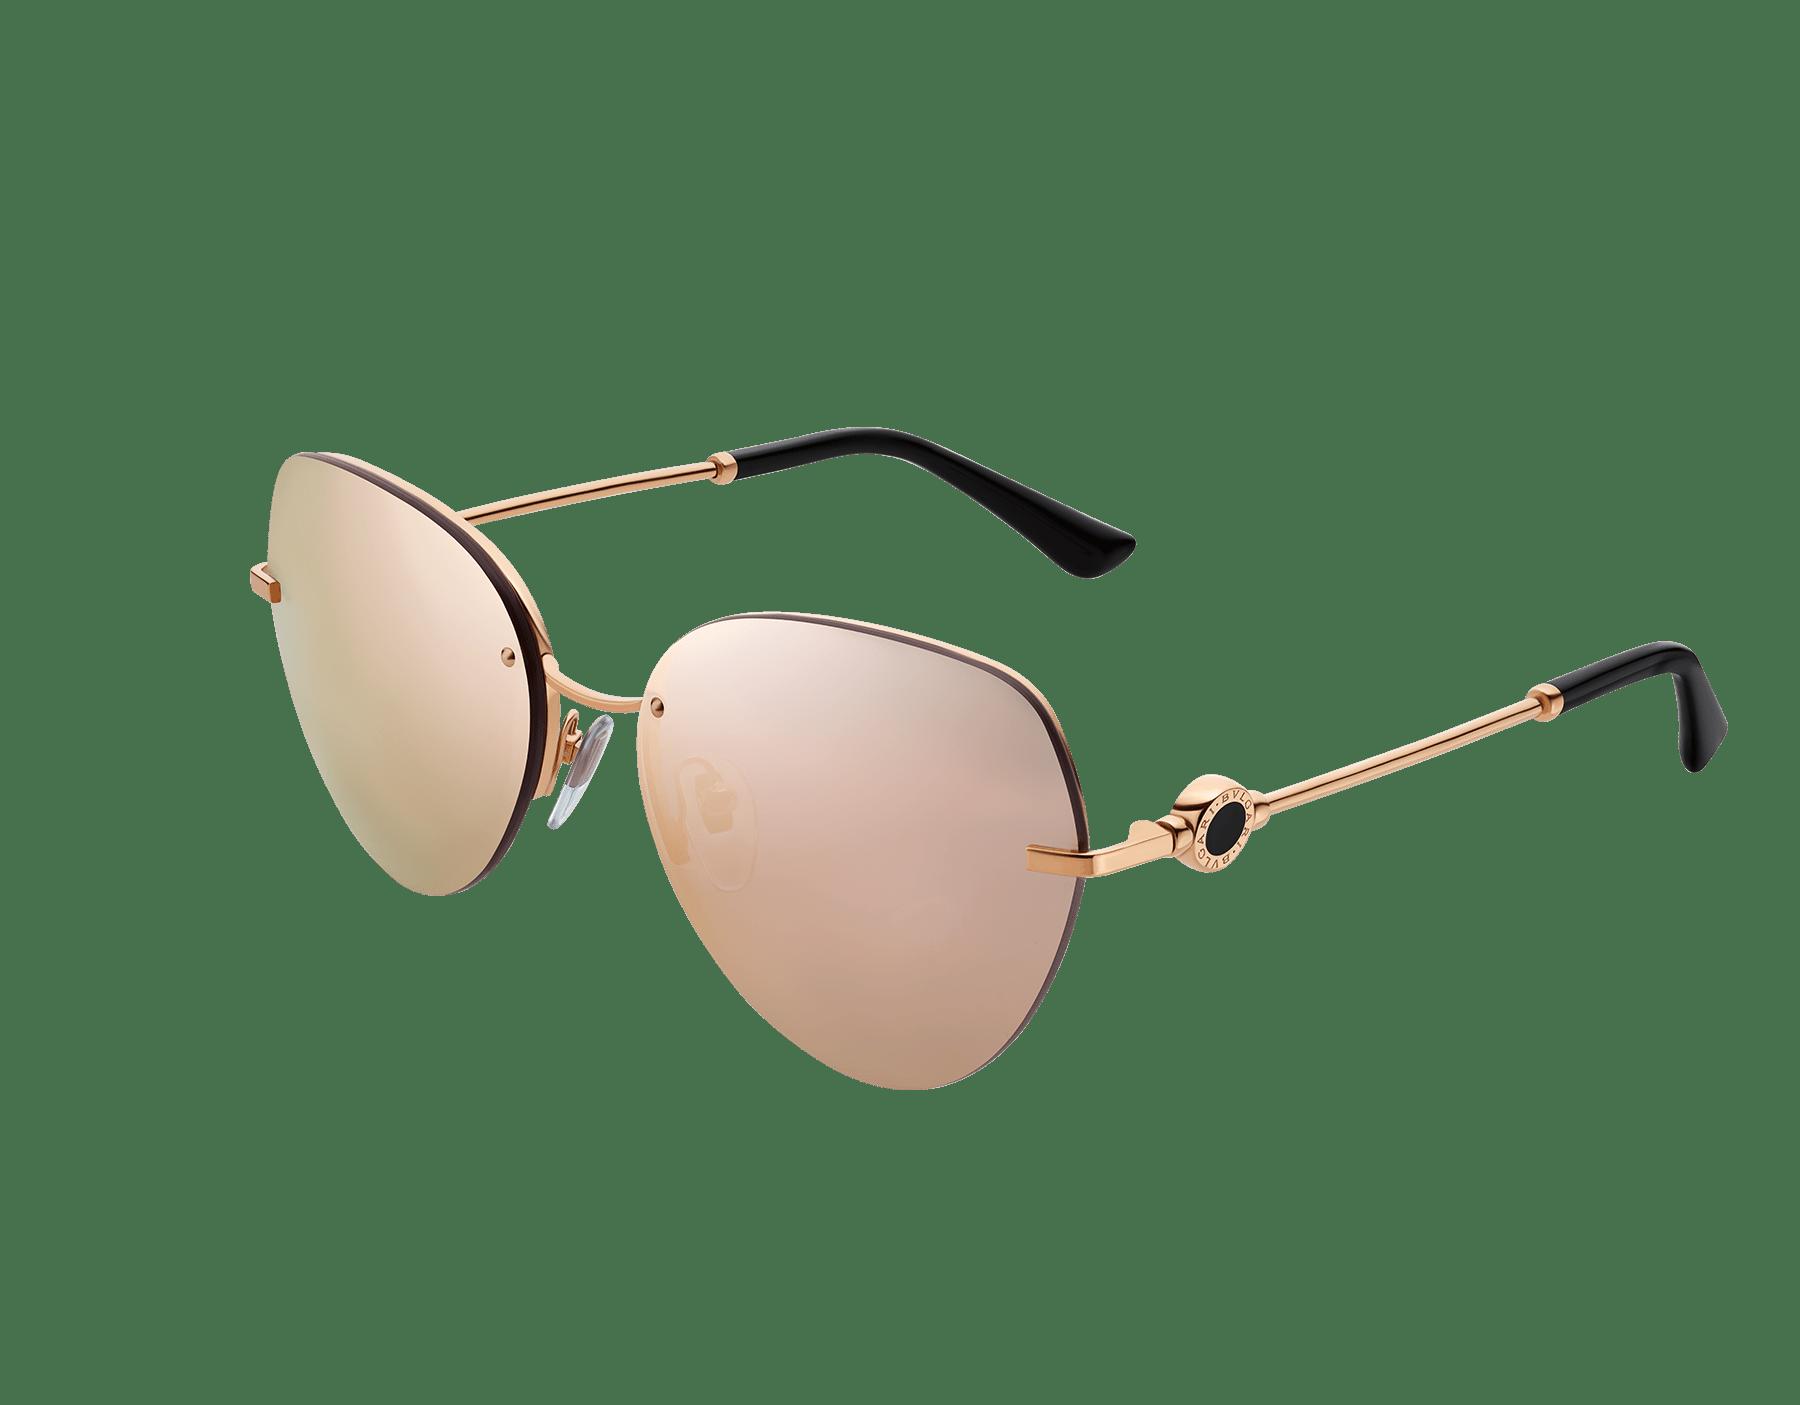 BVLGARI BVLGARI semi-rimless aviator sunglasses. 903540 image 1